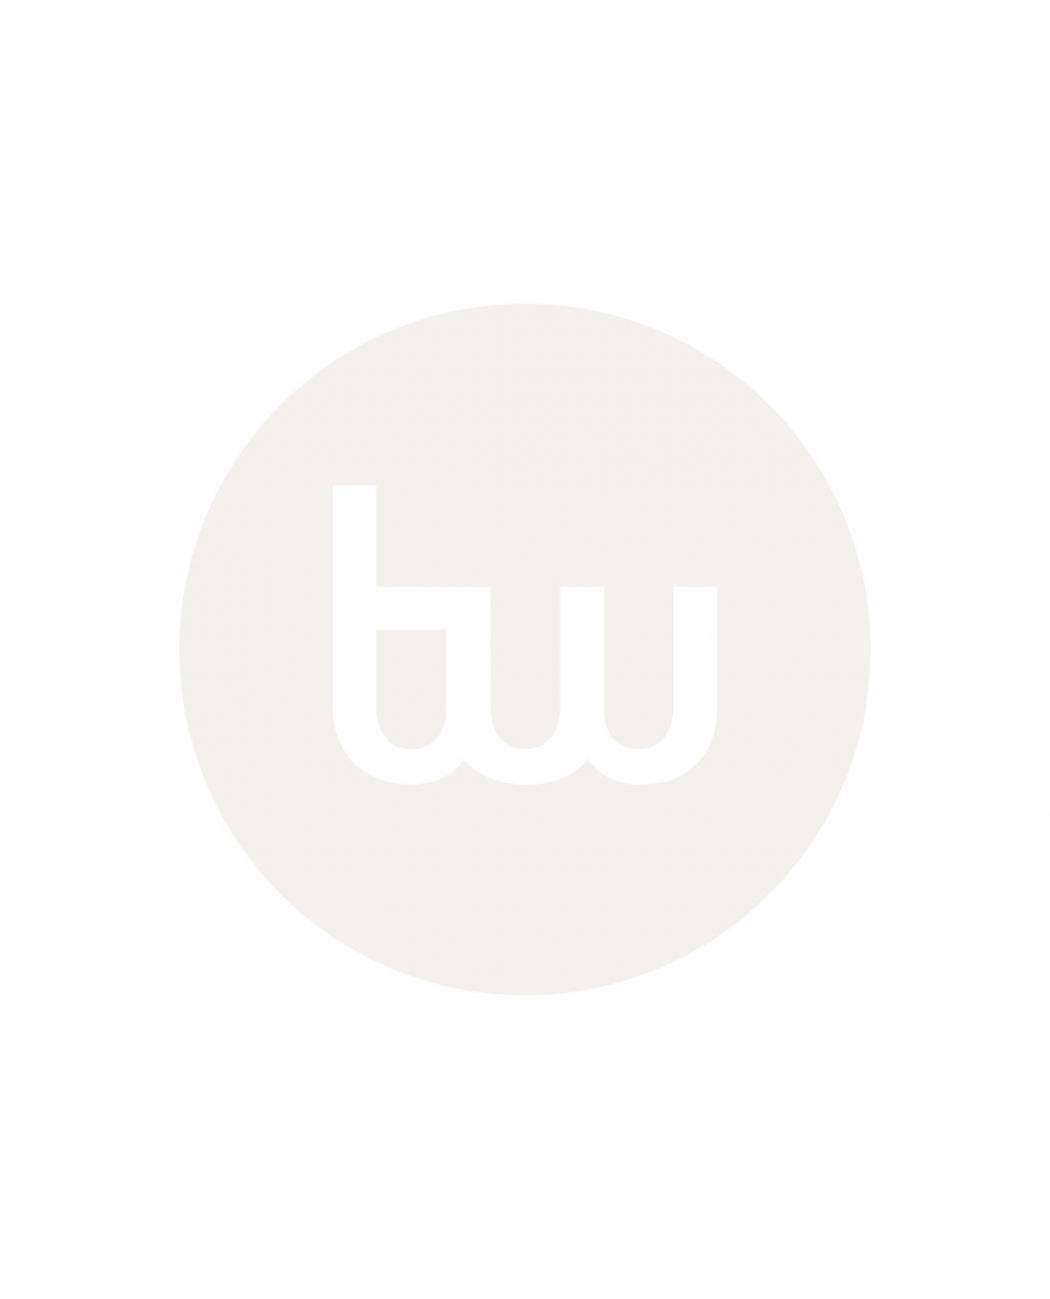 Hcs Viper Helm Shroud Rails Pads Oliv Tacwrk